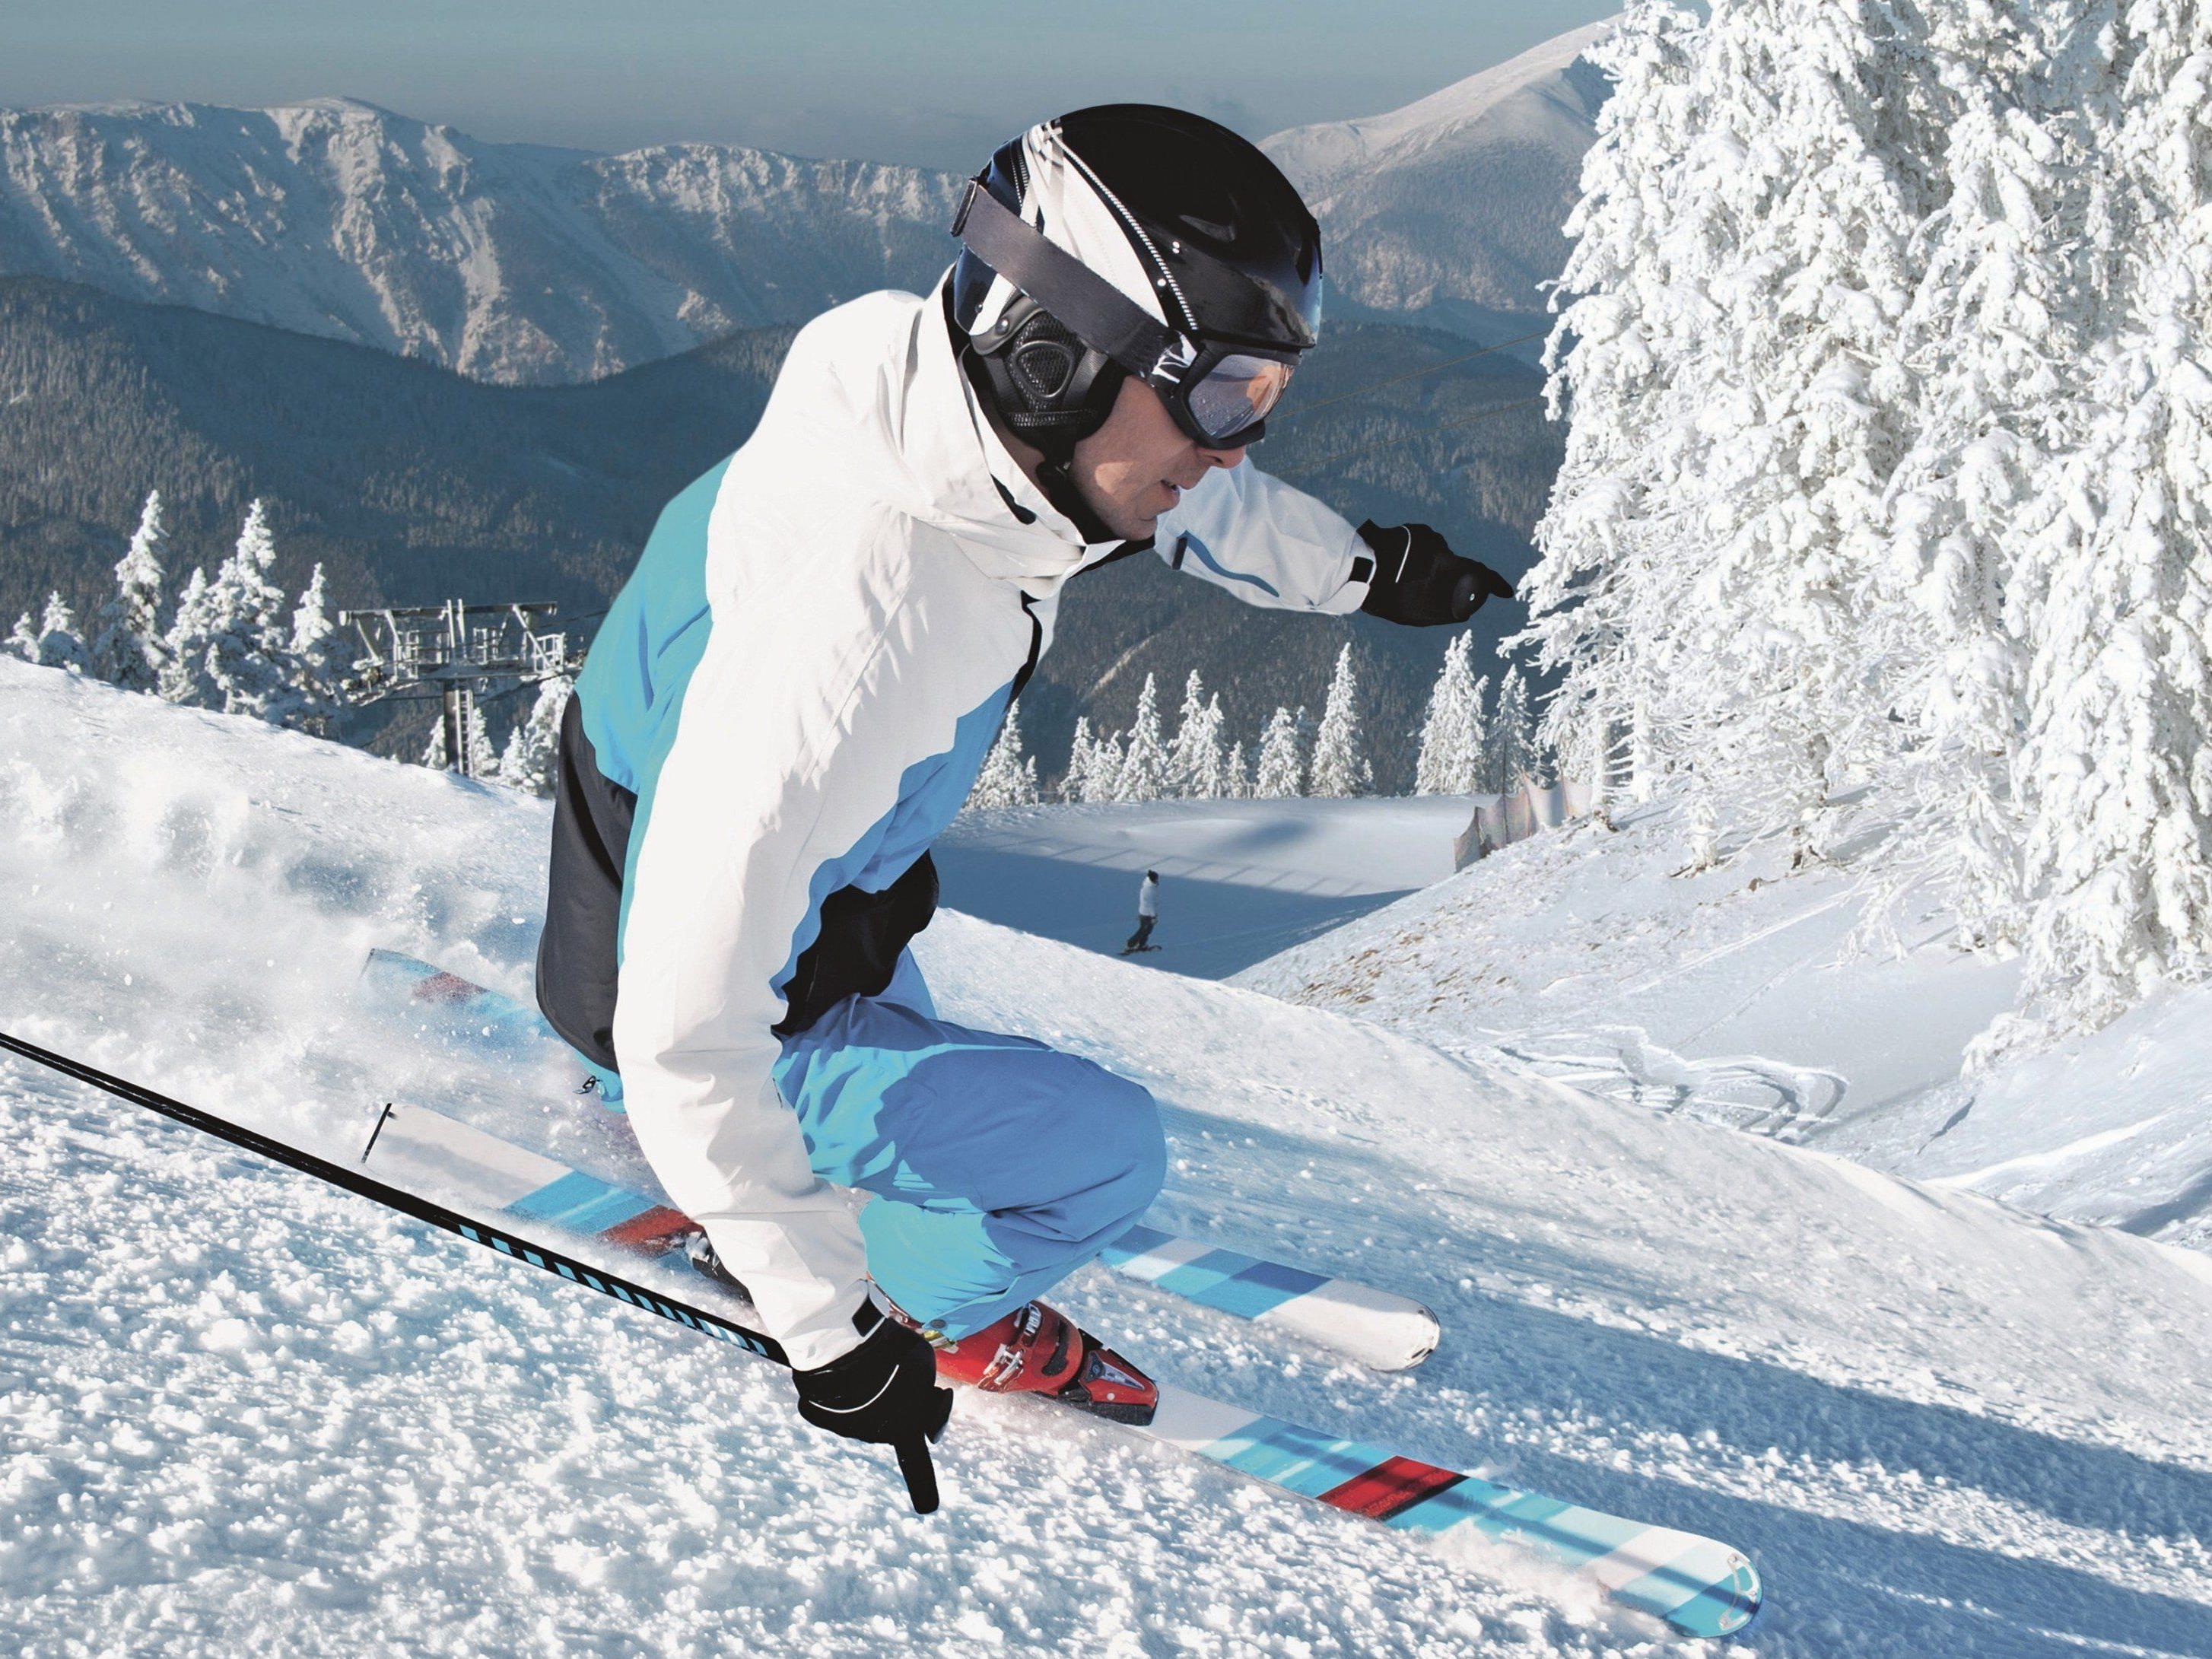 5x2 Tagesskipässe für das Skigebiet Stuhleck gewinnen!